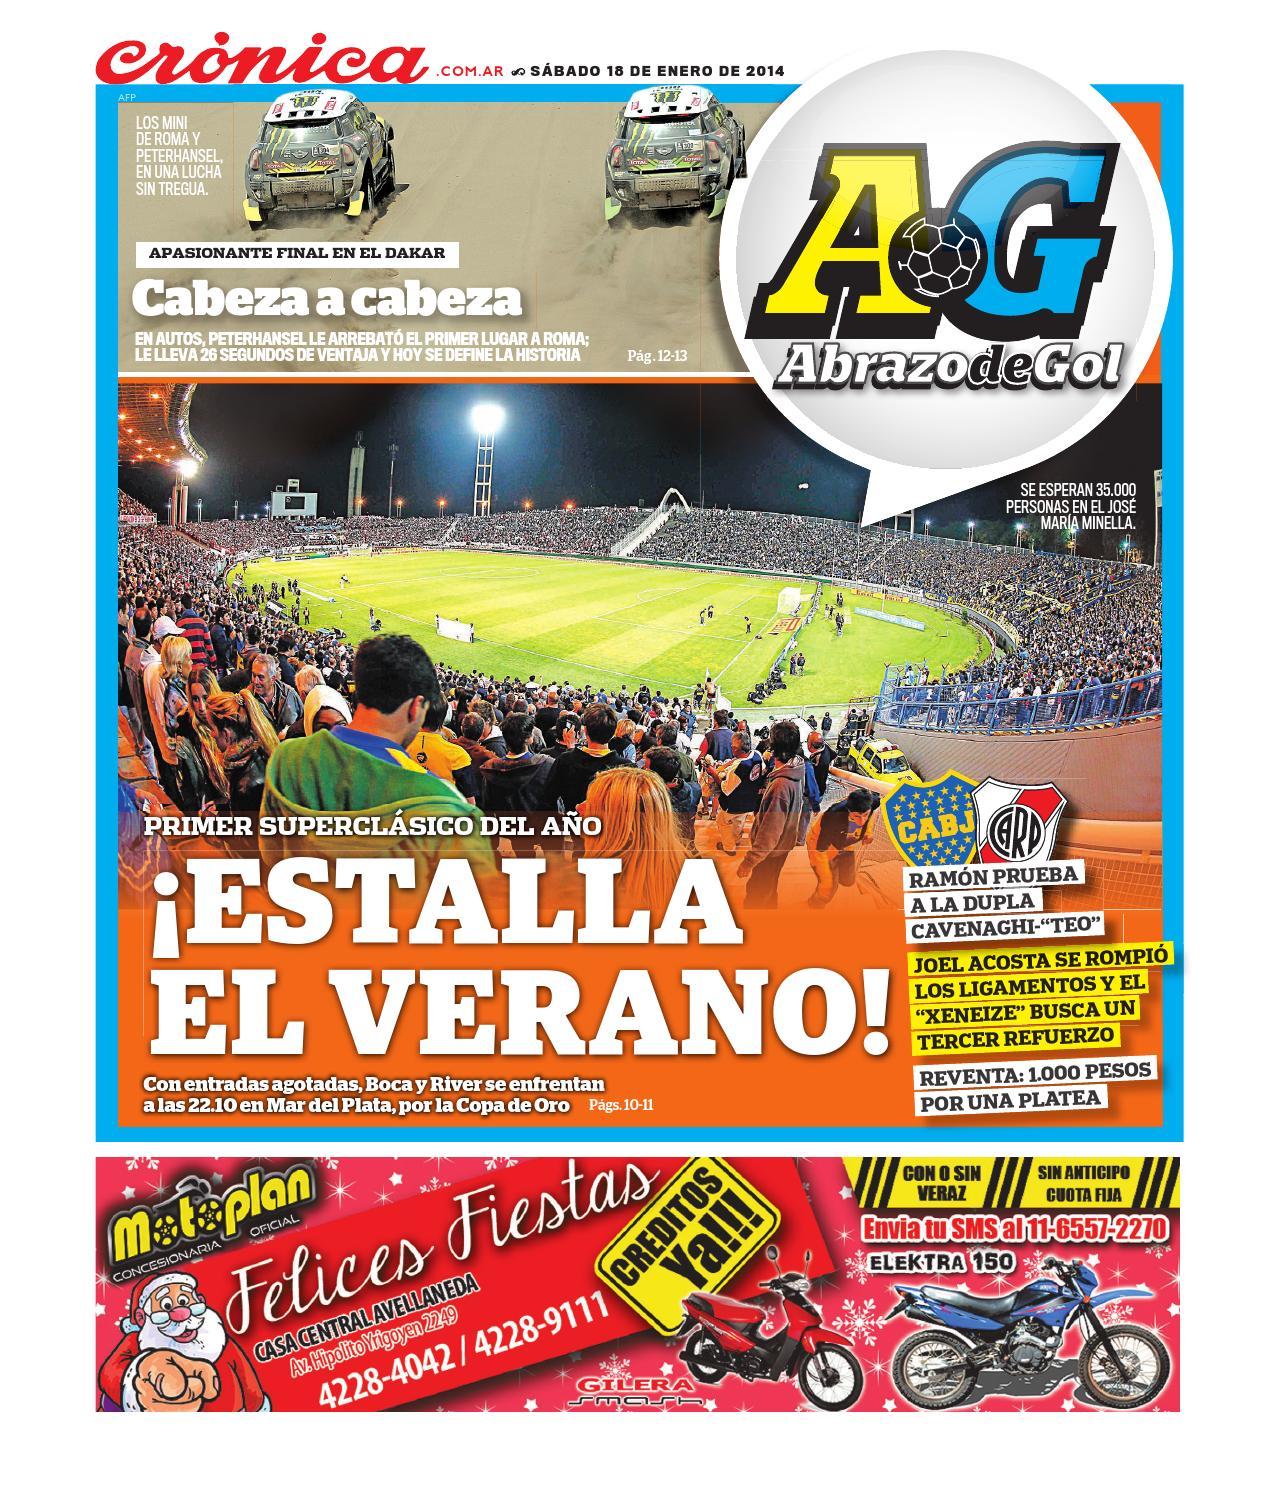 d1ec0f7a1a5 Diario Crónica Abrazo De Gol 2014 01 18 by Grupo Crónica - issuu